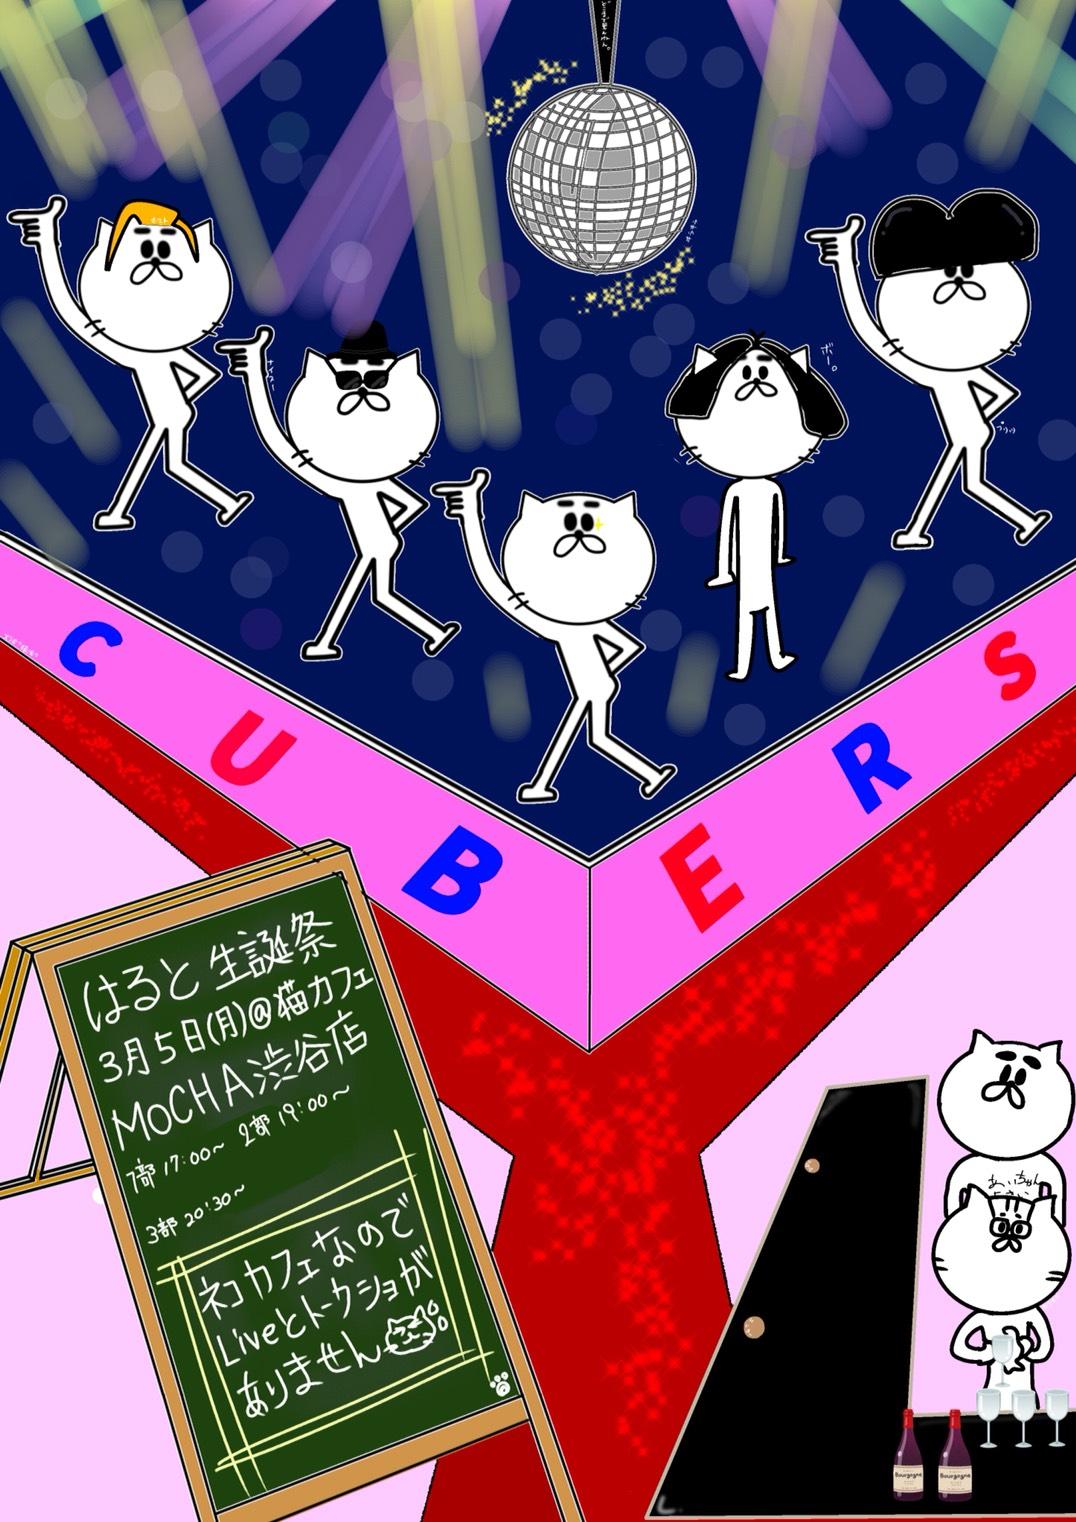 ☆★3月5日(月) 「春斗生誕イベント2018〜猫が好きなもんで〜」を猫カフェで開催決定☆★